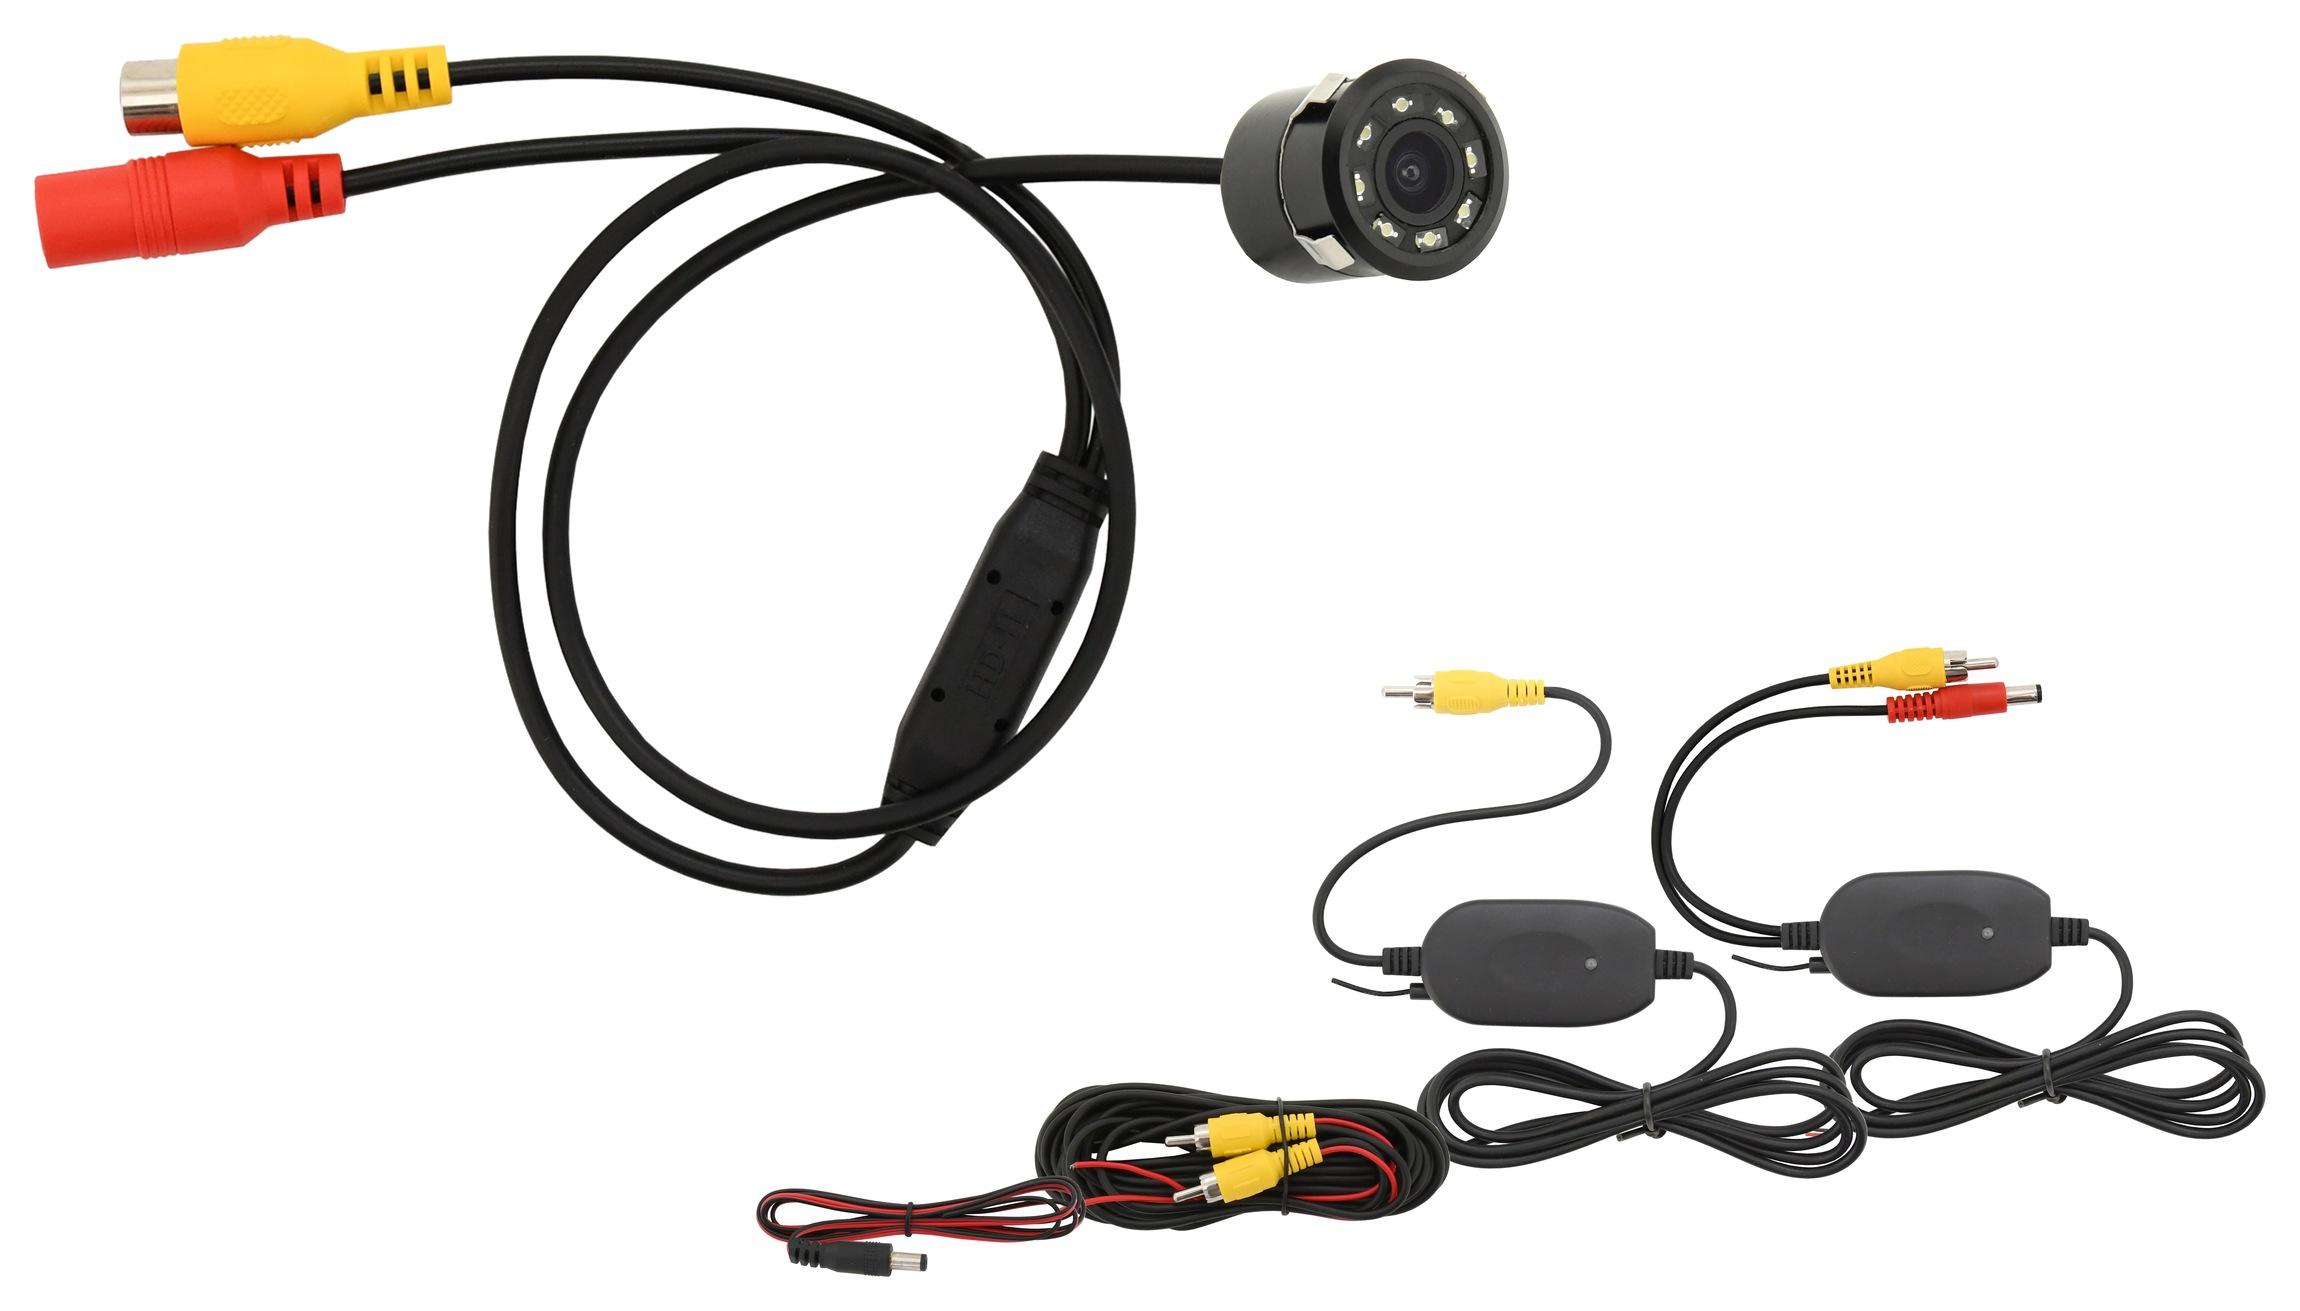 Parkovací kamera INSERT bezdrátová s LED přísvitem